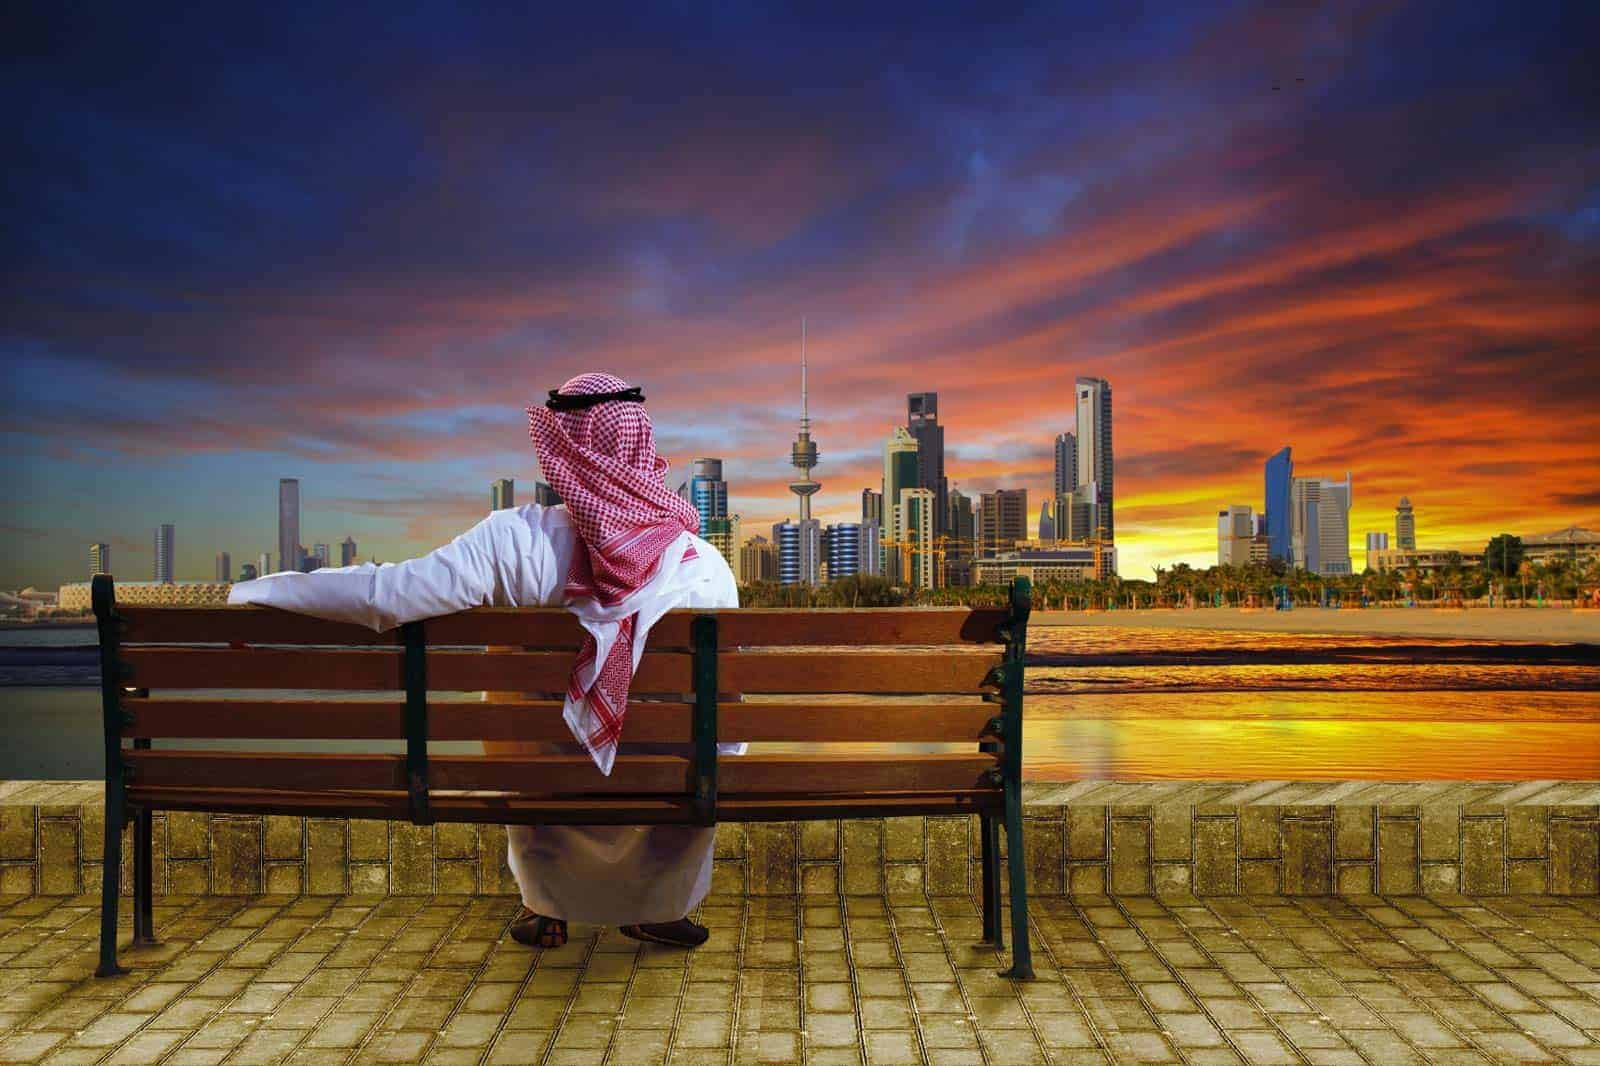 Grad Kuvajt